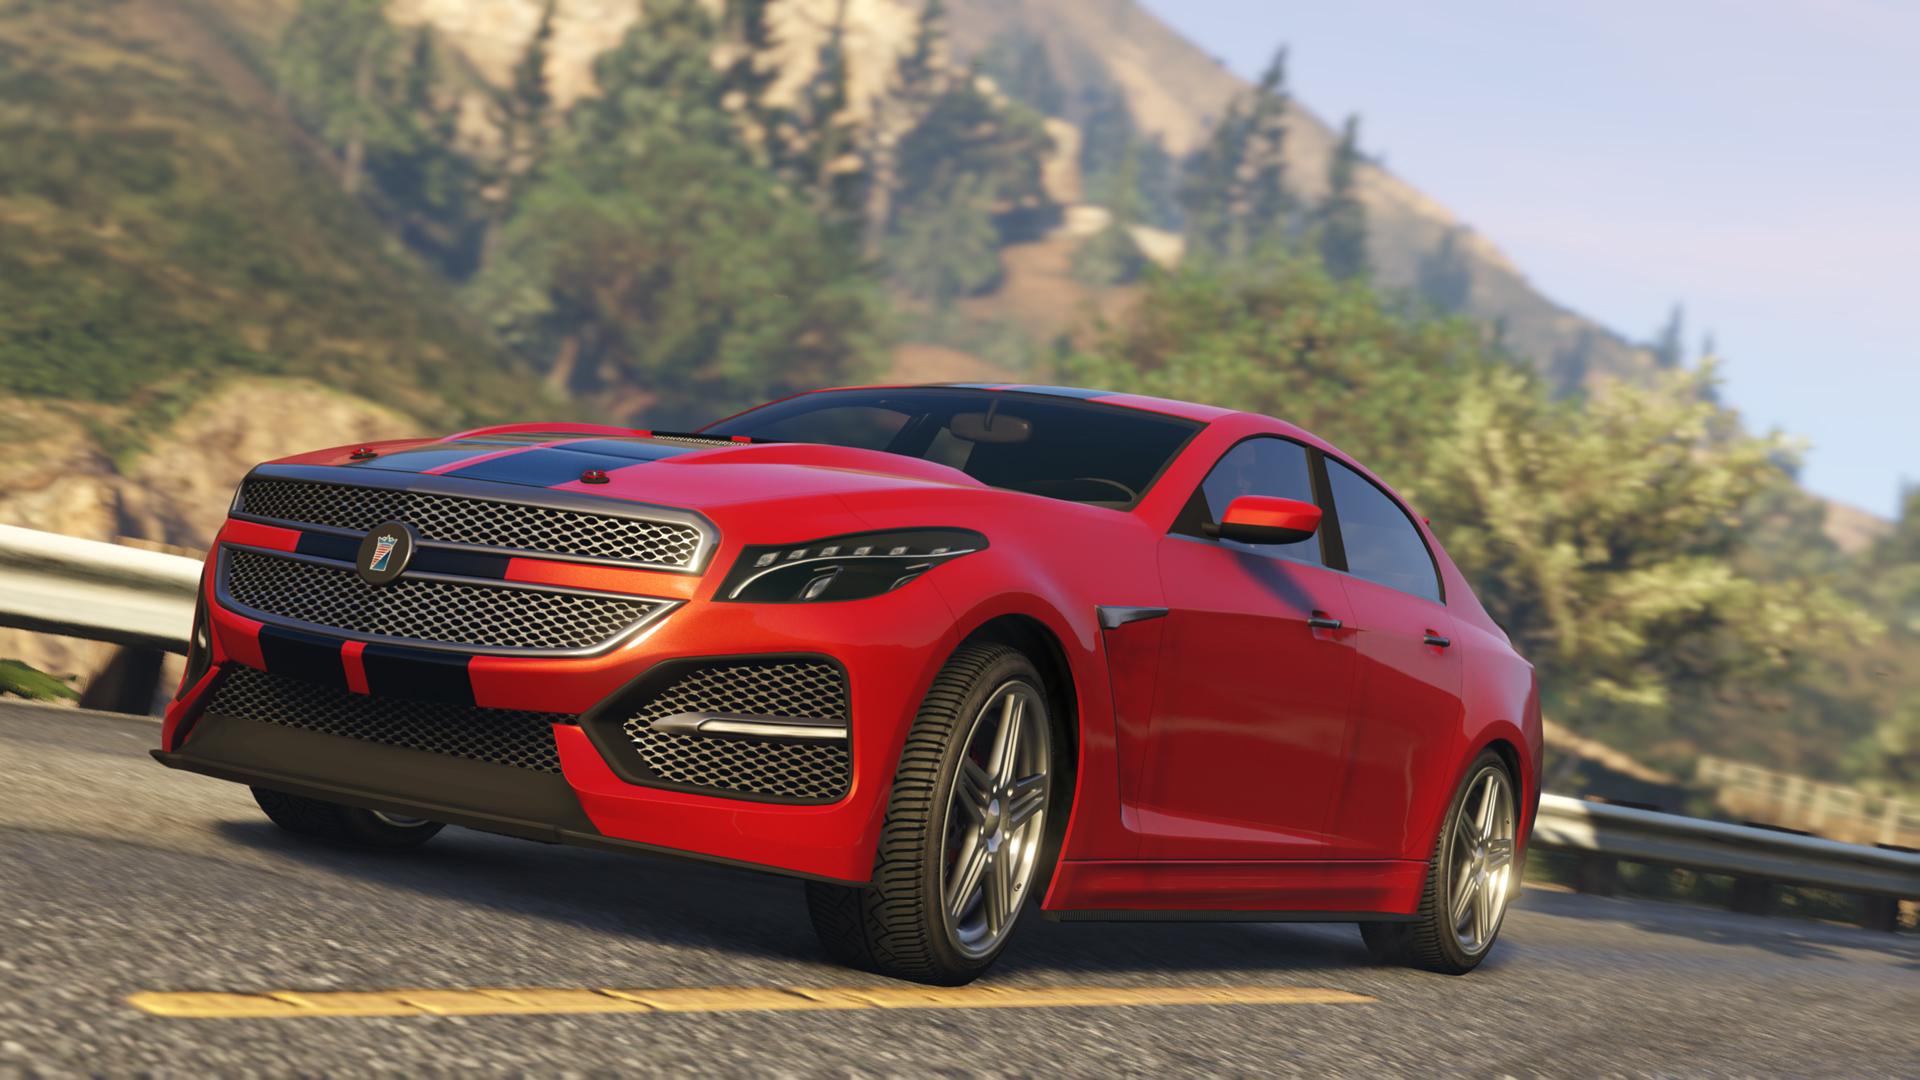 Albany V-STR Image officielle GTA Online.jpg